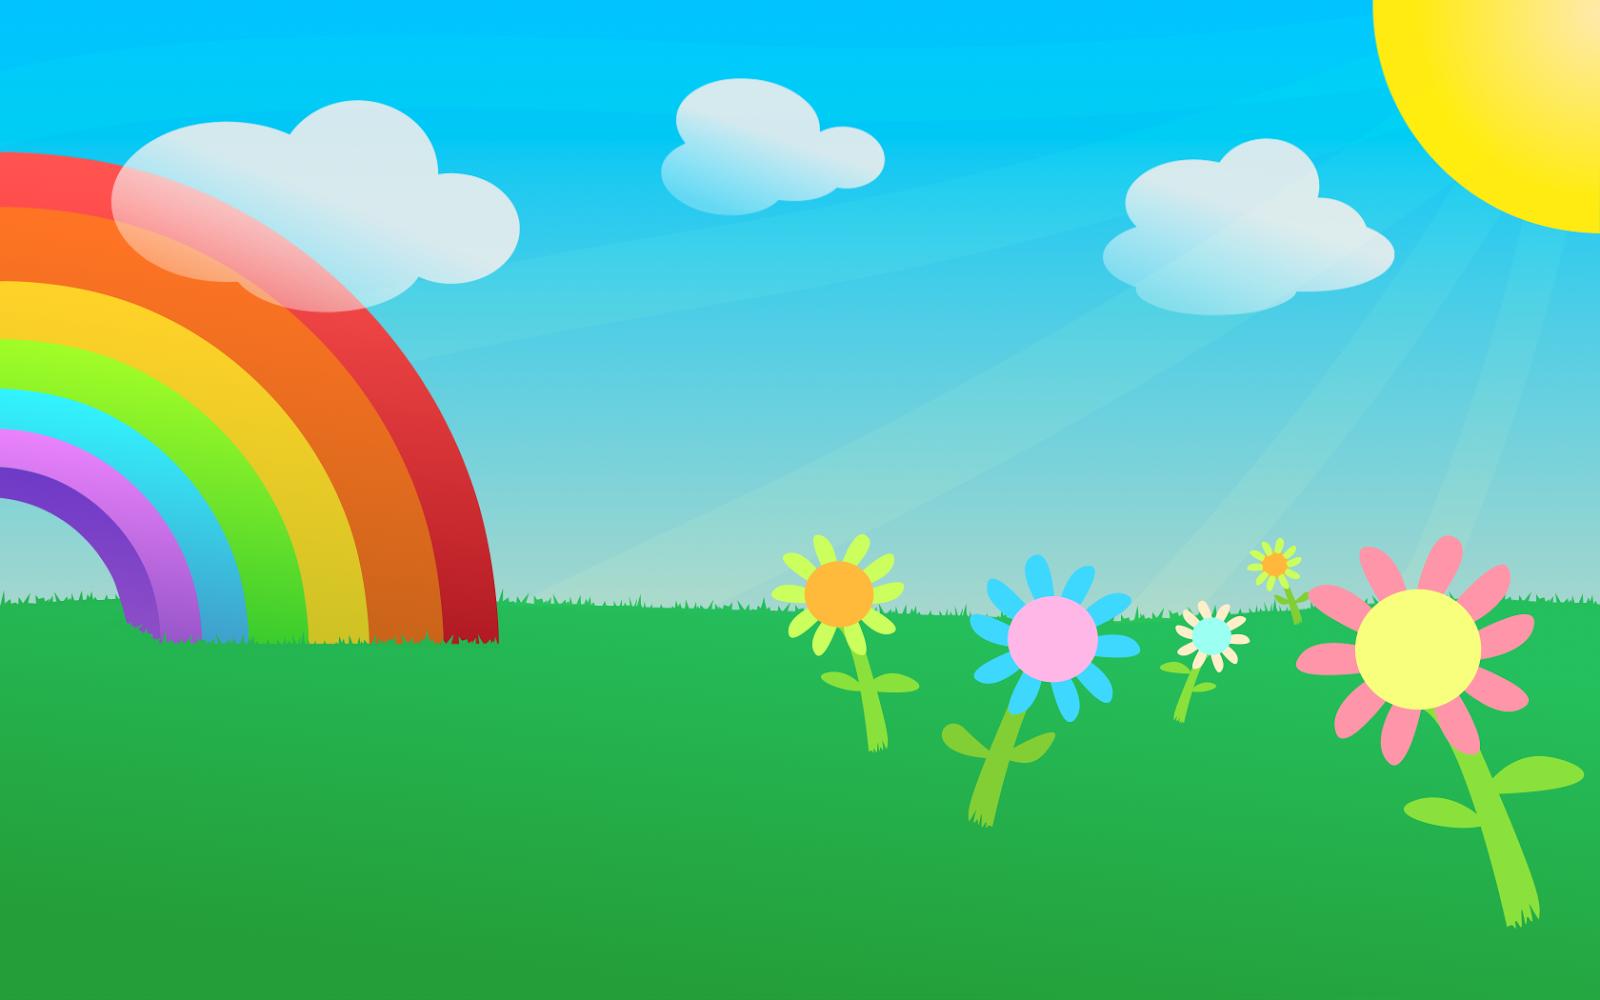 Download 9200 Background Untuk Anak Paud HD Terbaru